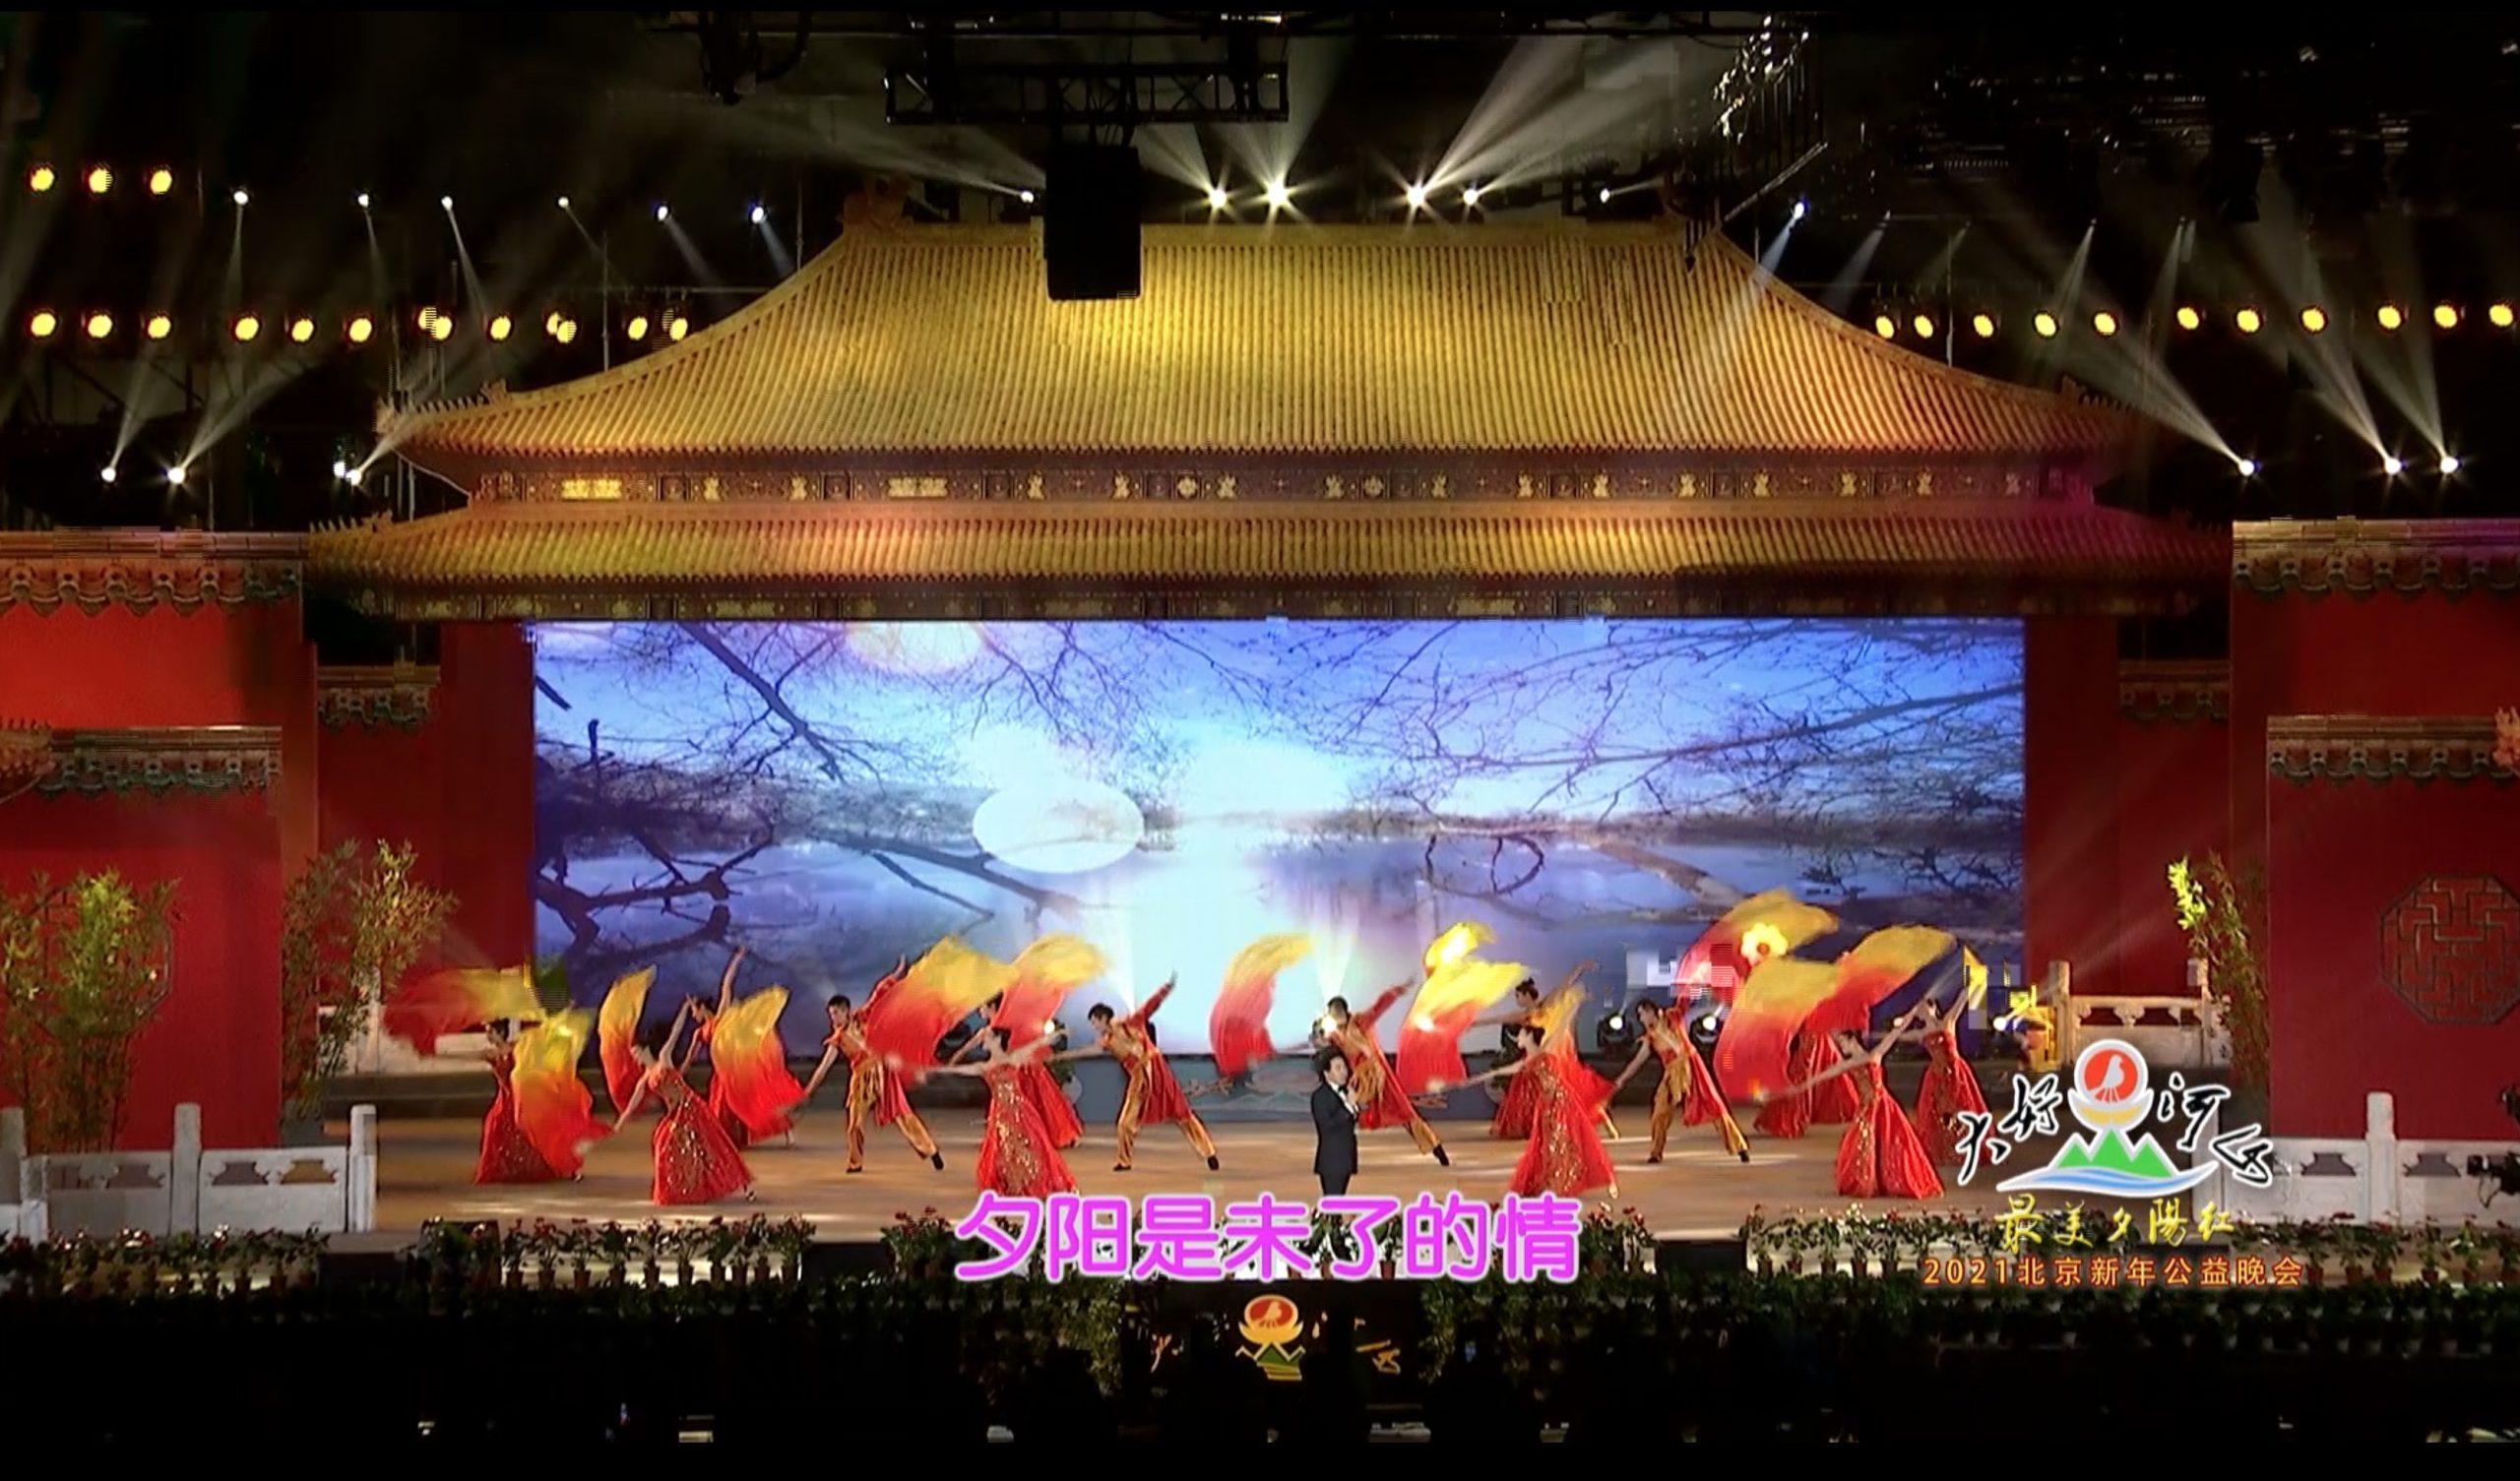 2021北京新年公益晚会 歌曲《夕阳红》佟铁鑫